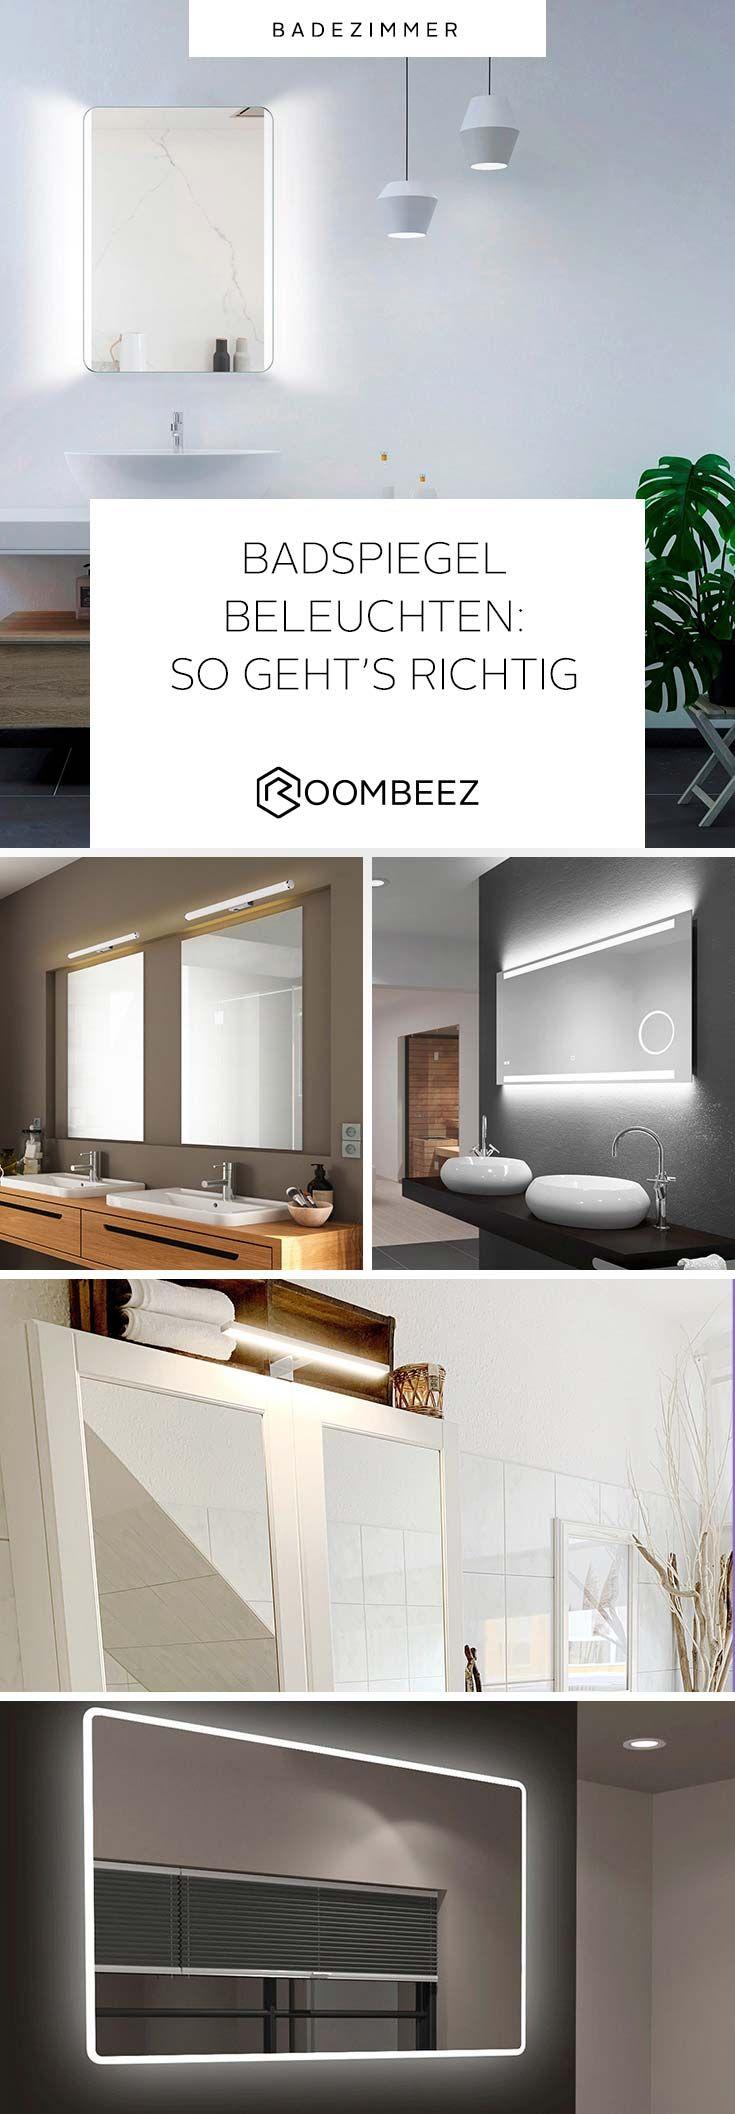 Helestra Theia Led Spiegelleuchte Verchromt 120cm Wandleuchte Badezimmer Licht Und Badezimmerleuchten